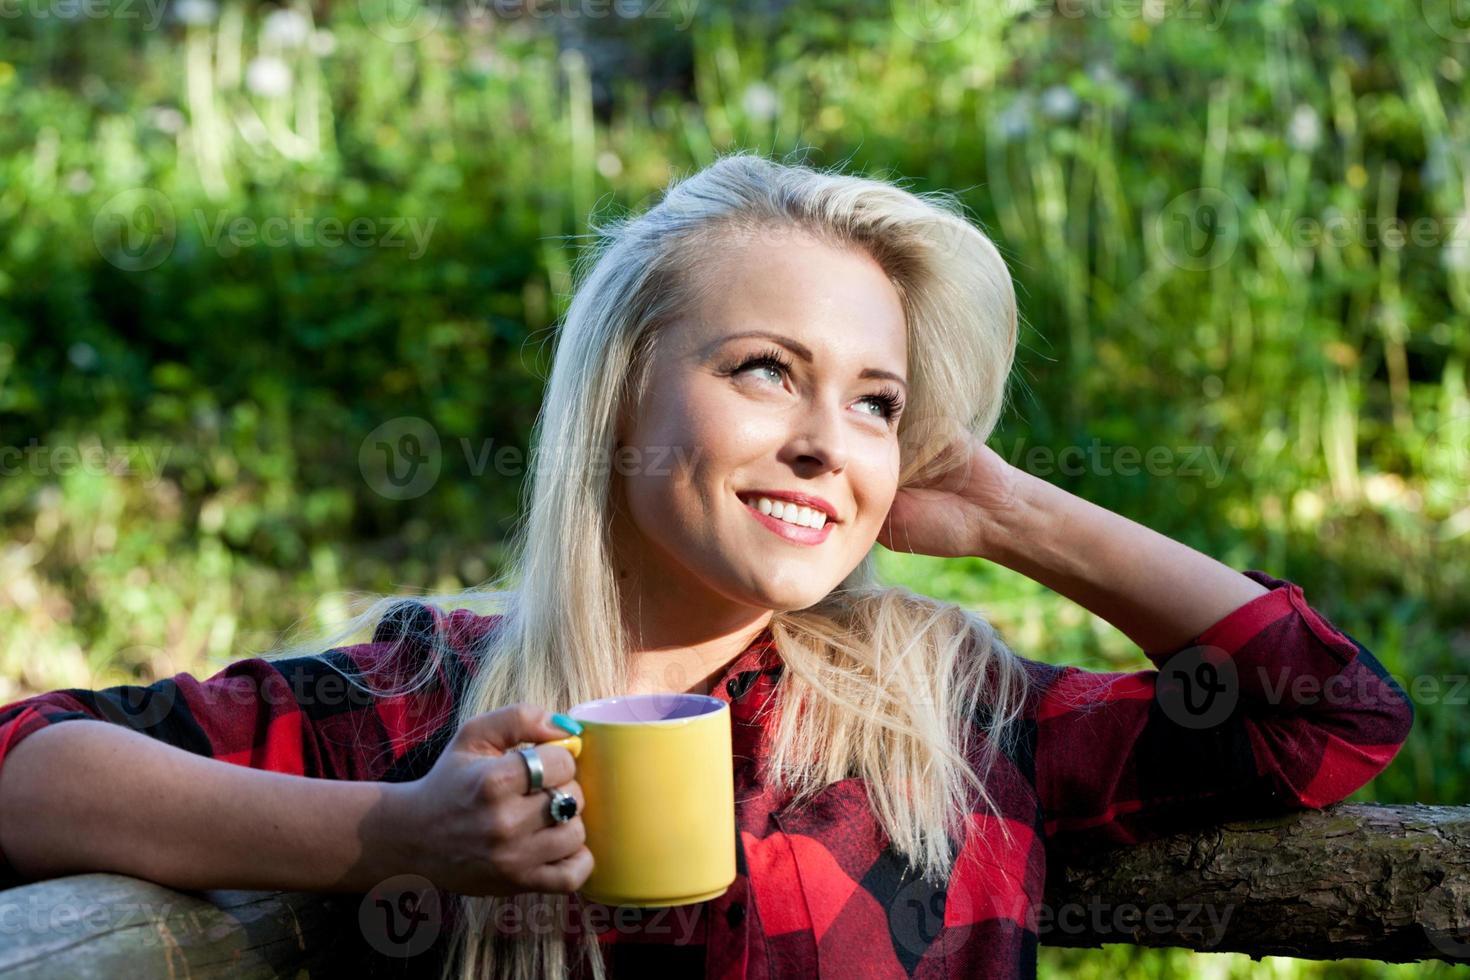 belle fille blonde de pays boire photo